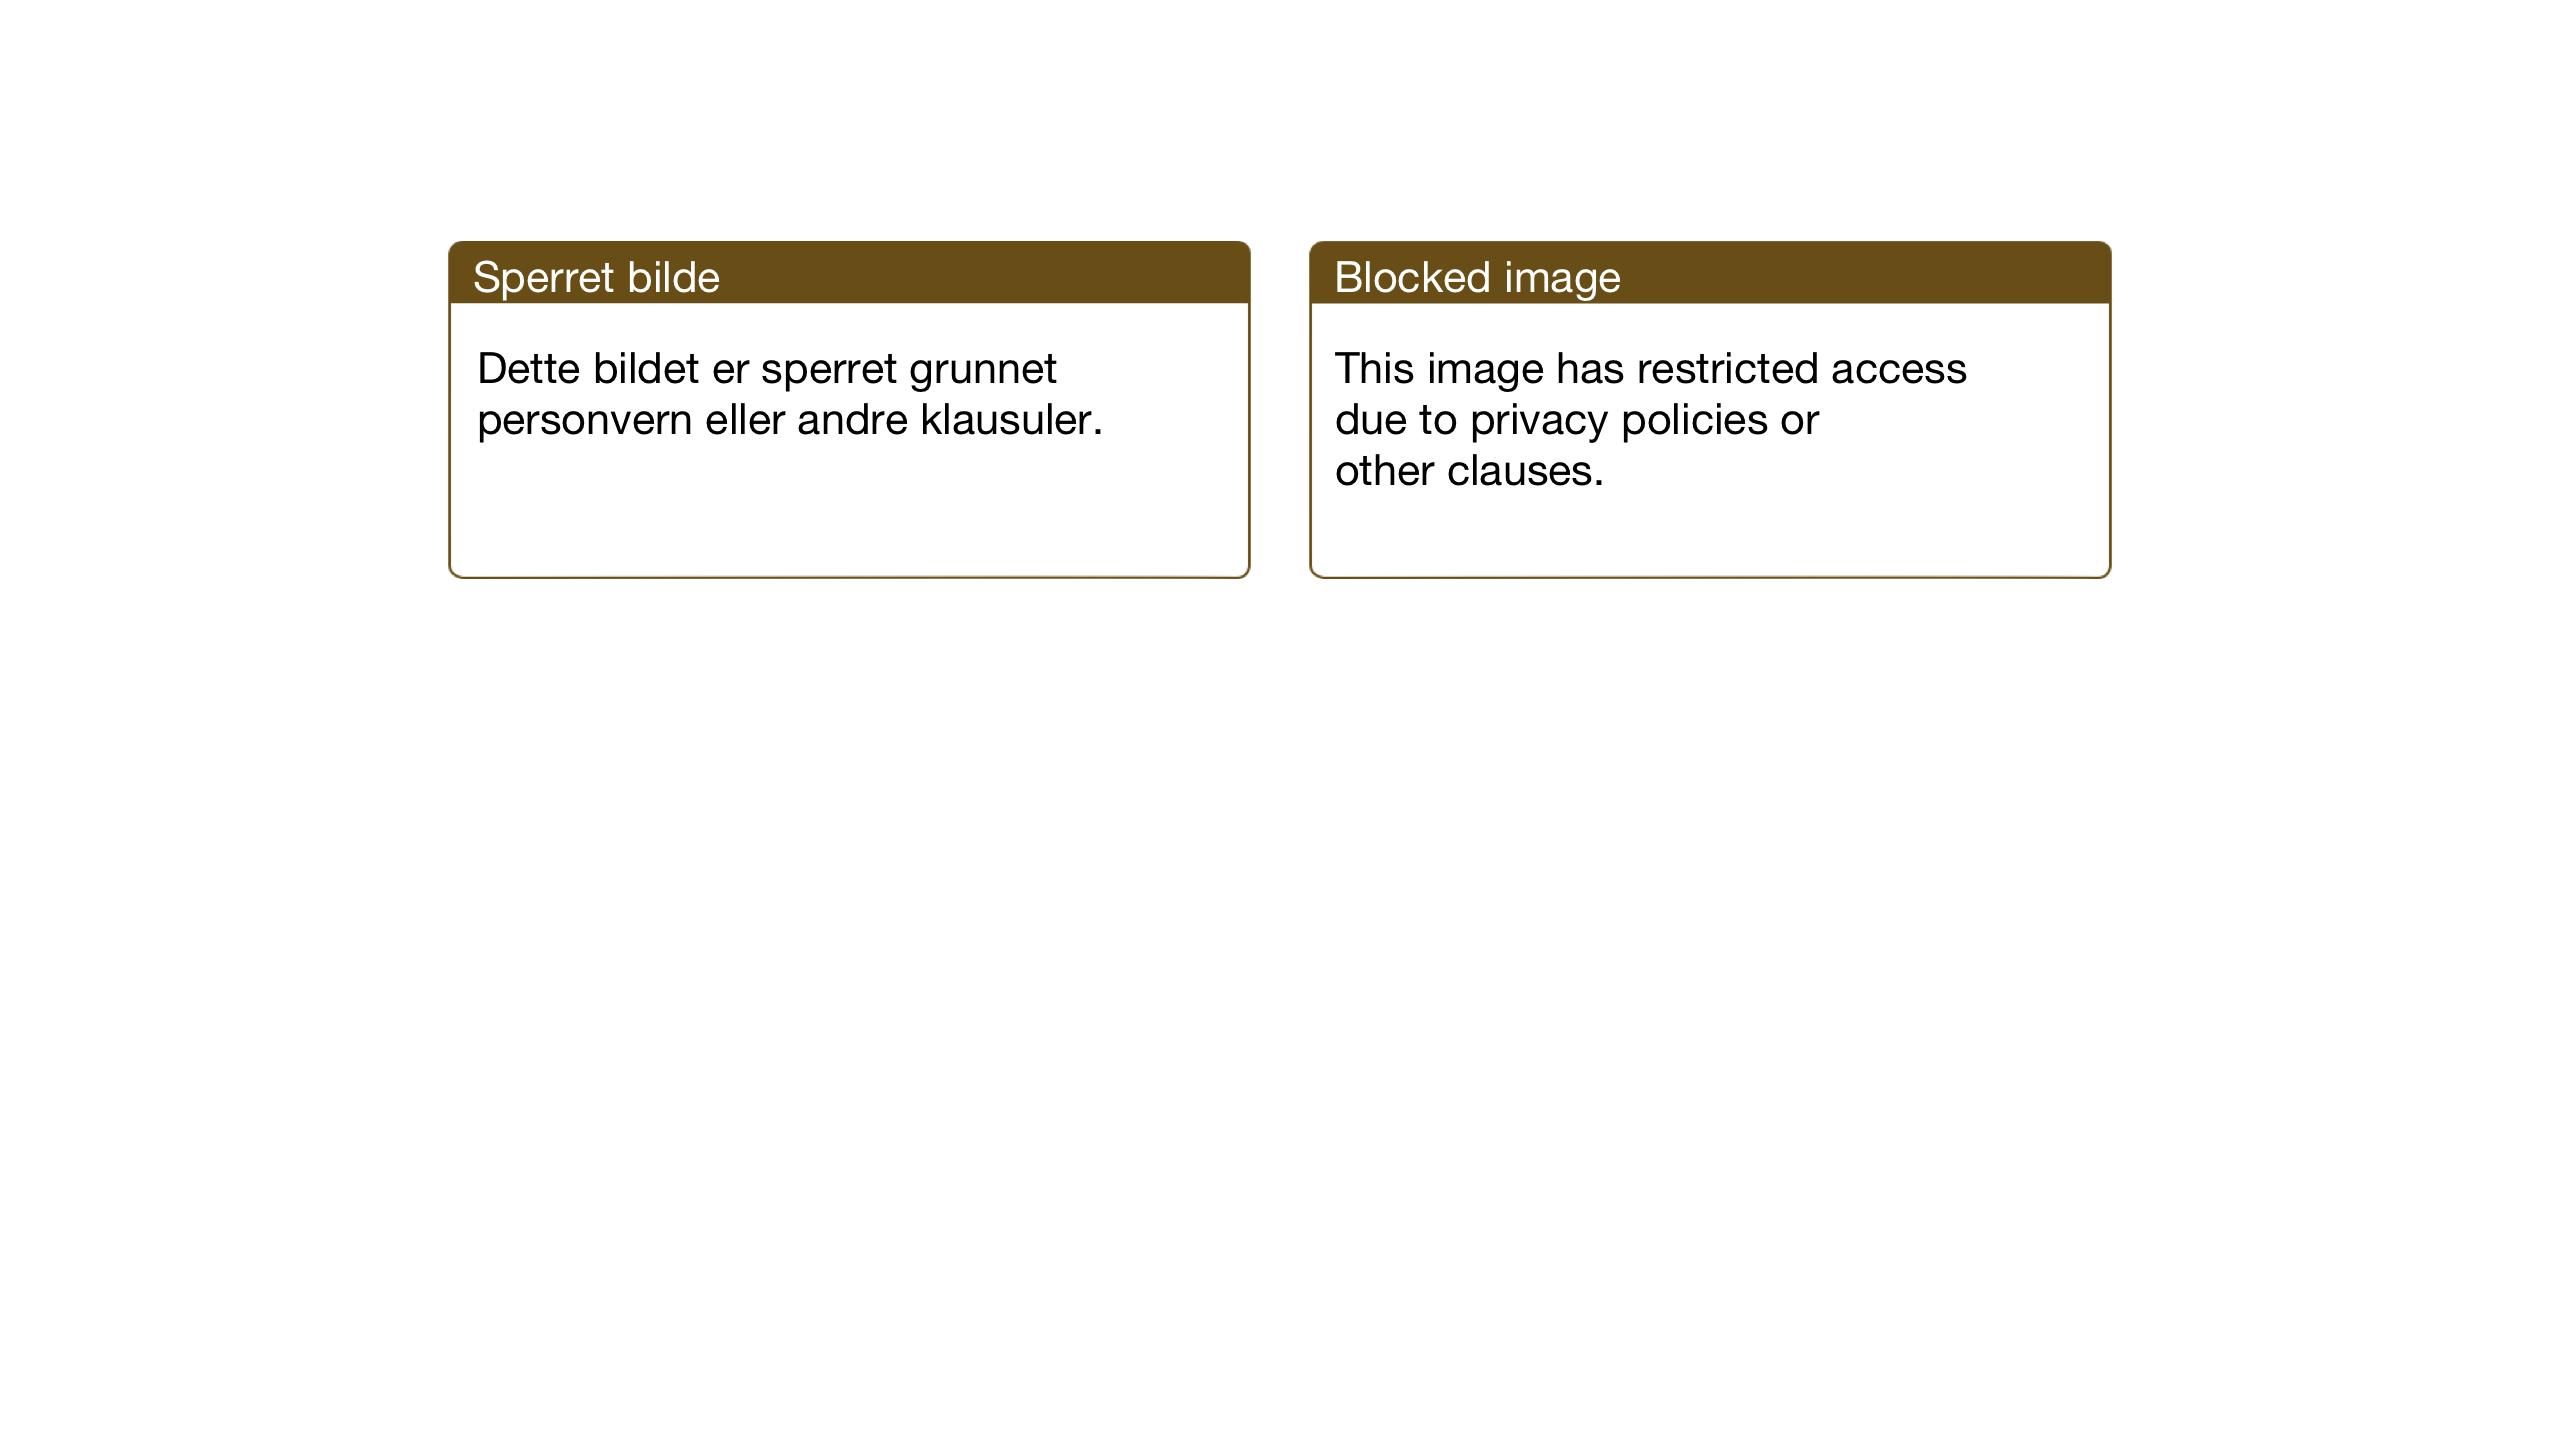 RA, Justisdepartementet, Sivilavdelingen (RA/S-6490), 2000, s. 480